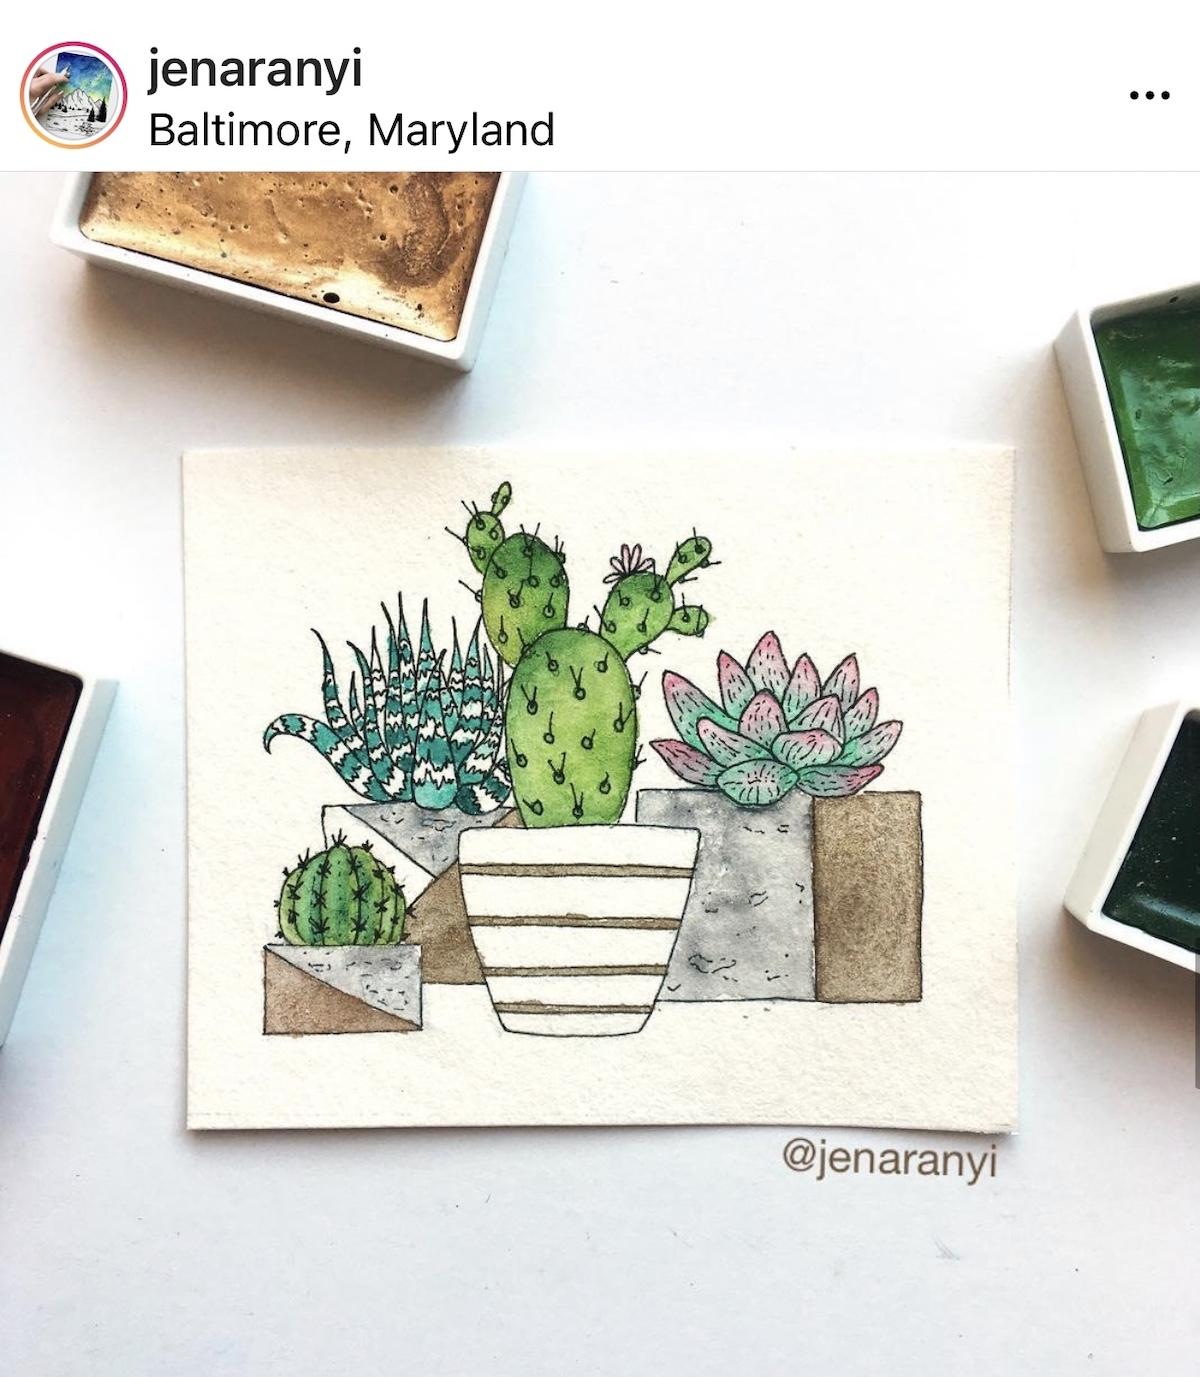 image of Jen Aranyi's instagram feed